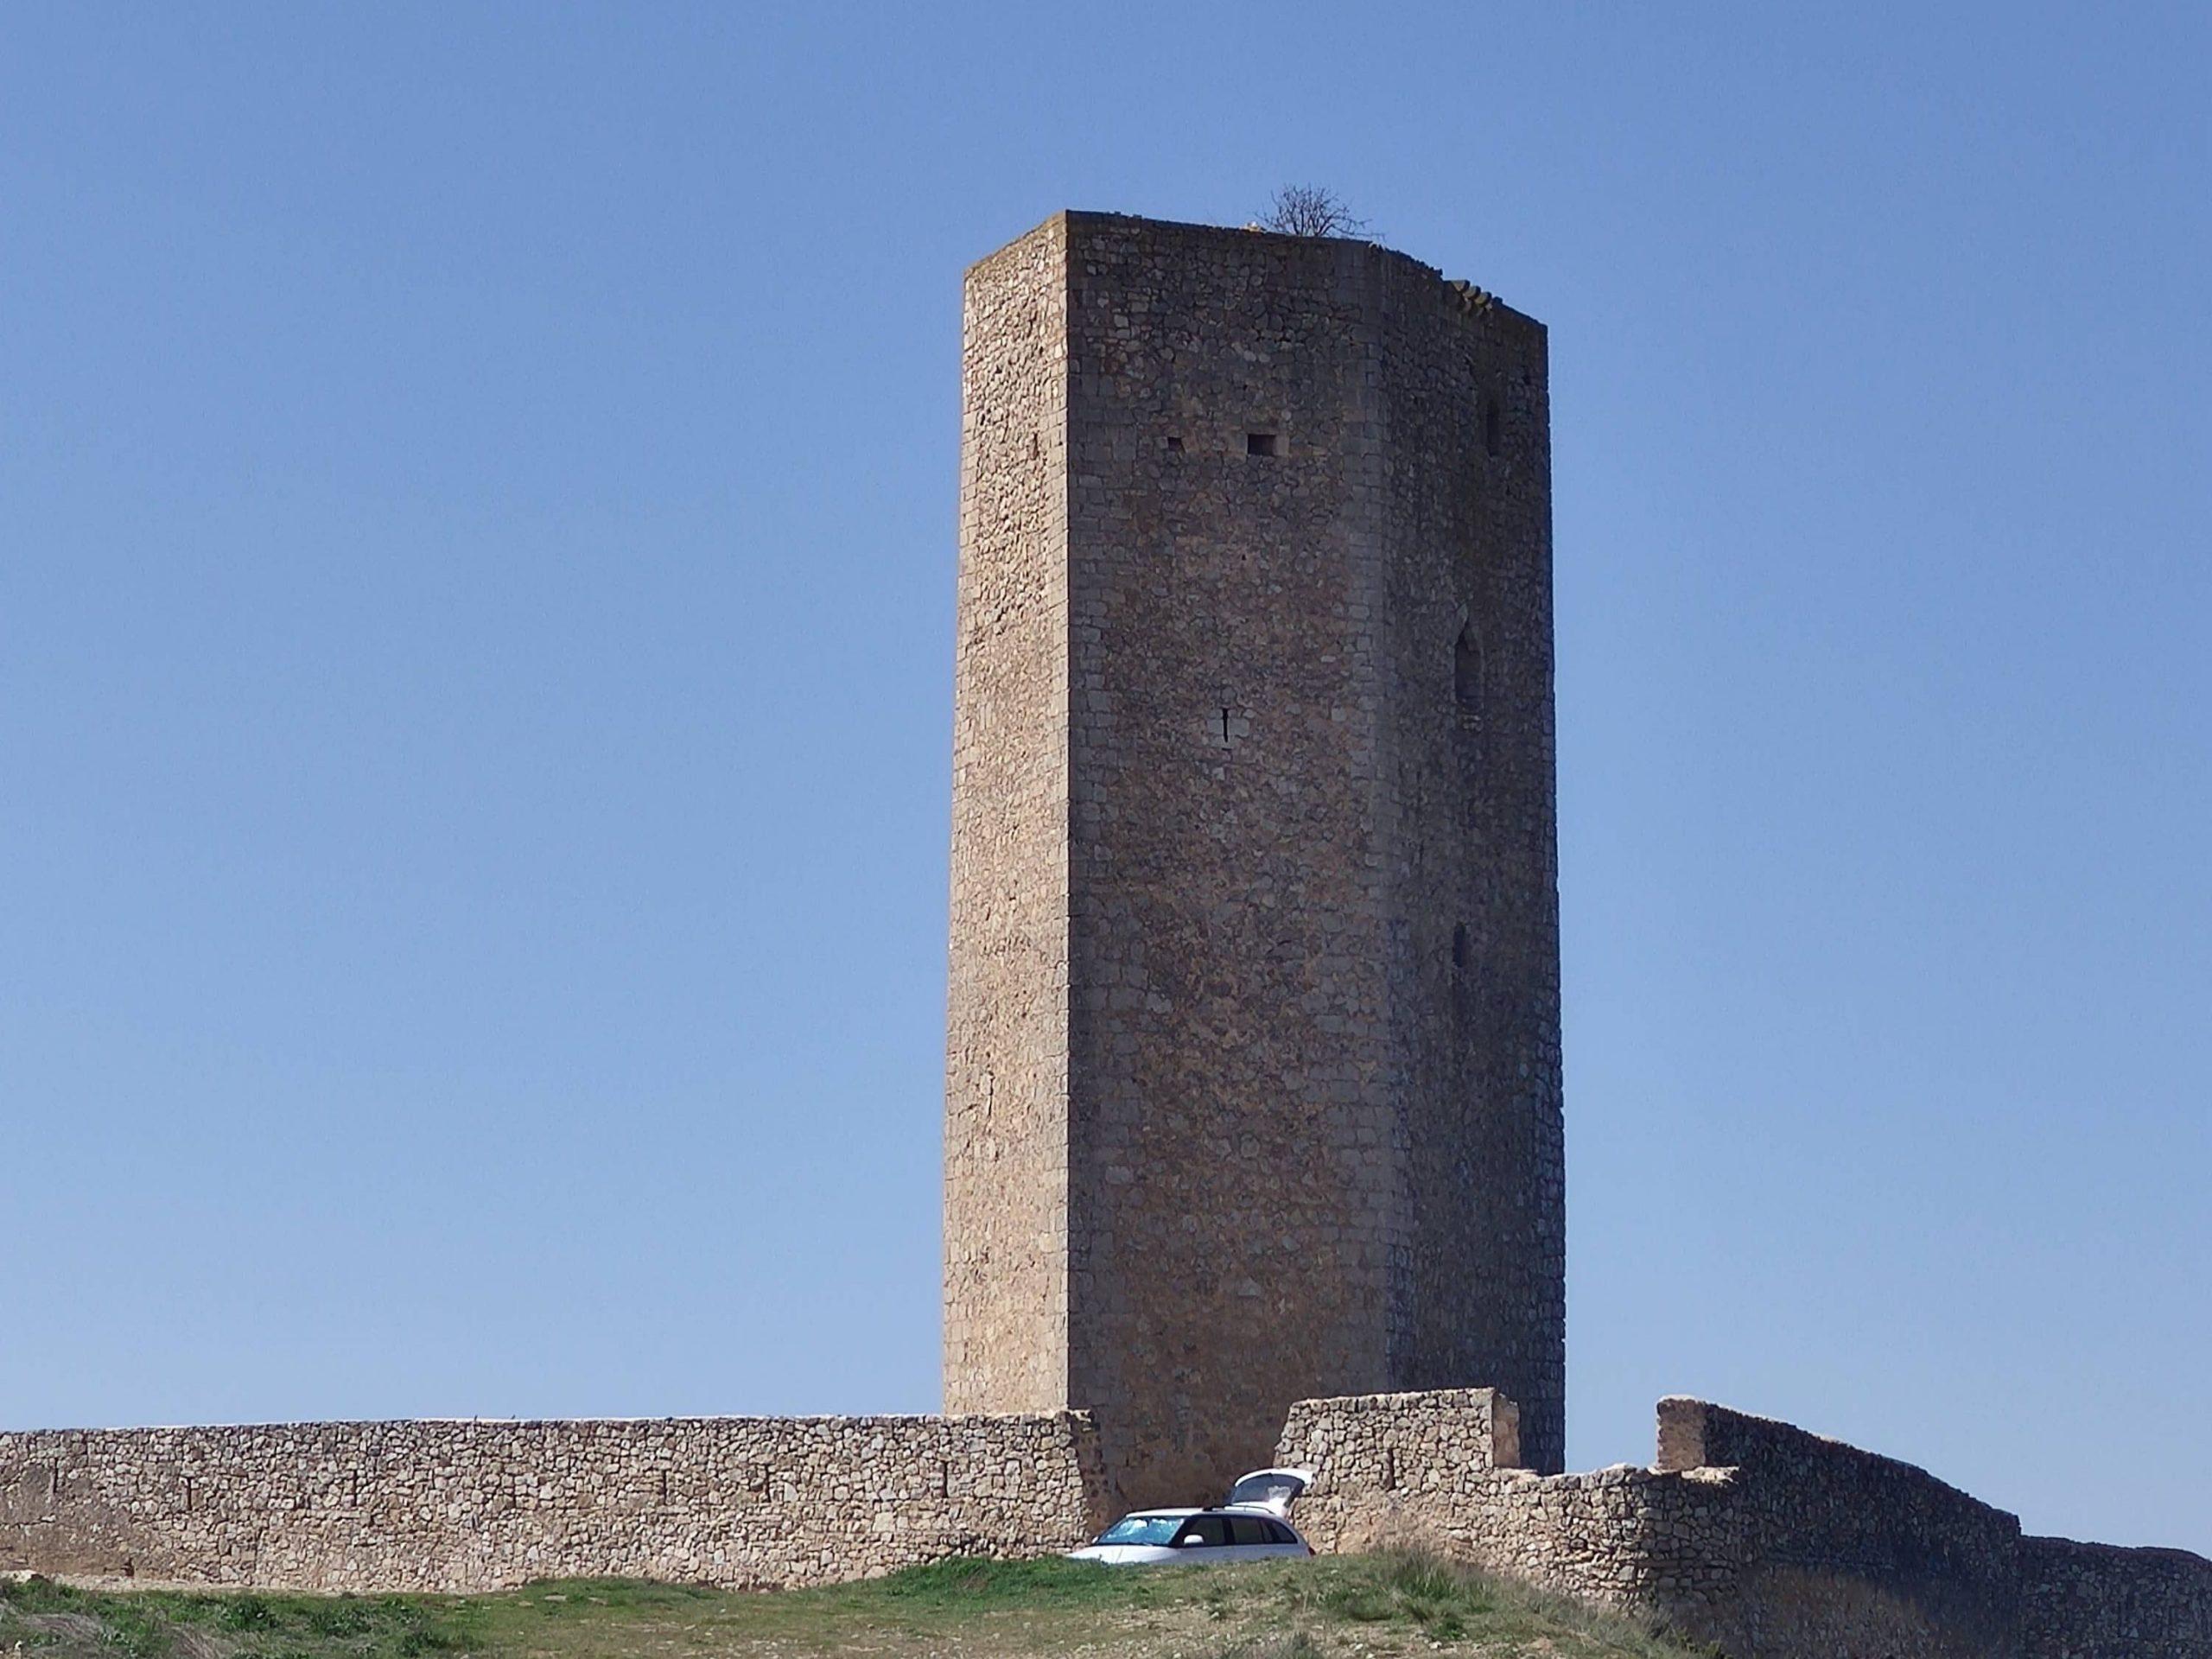 Torre de Armas de Alarcón